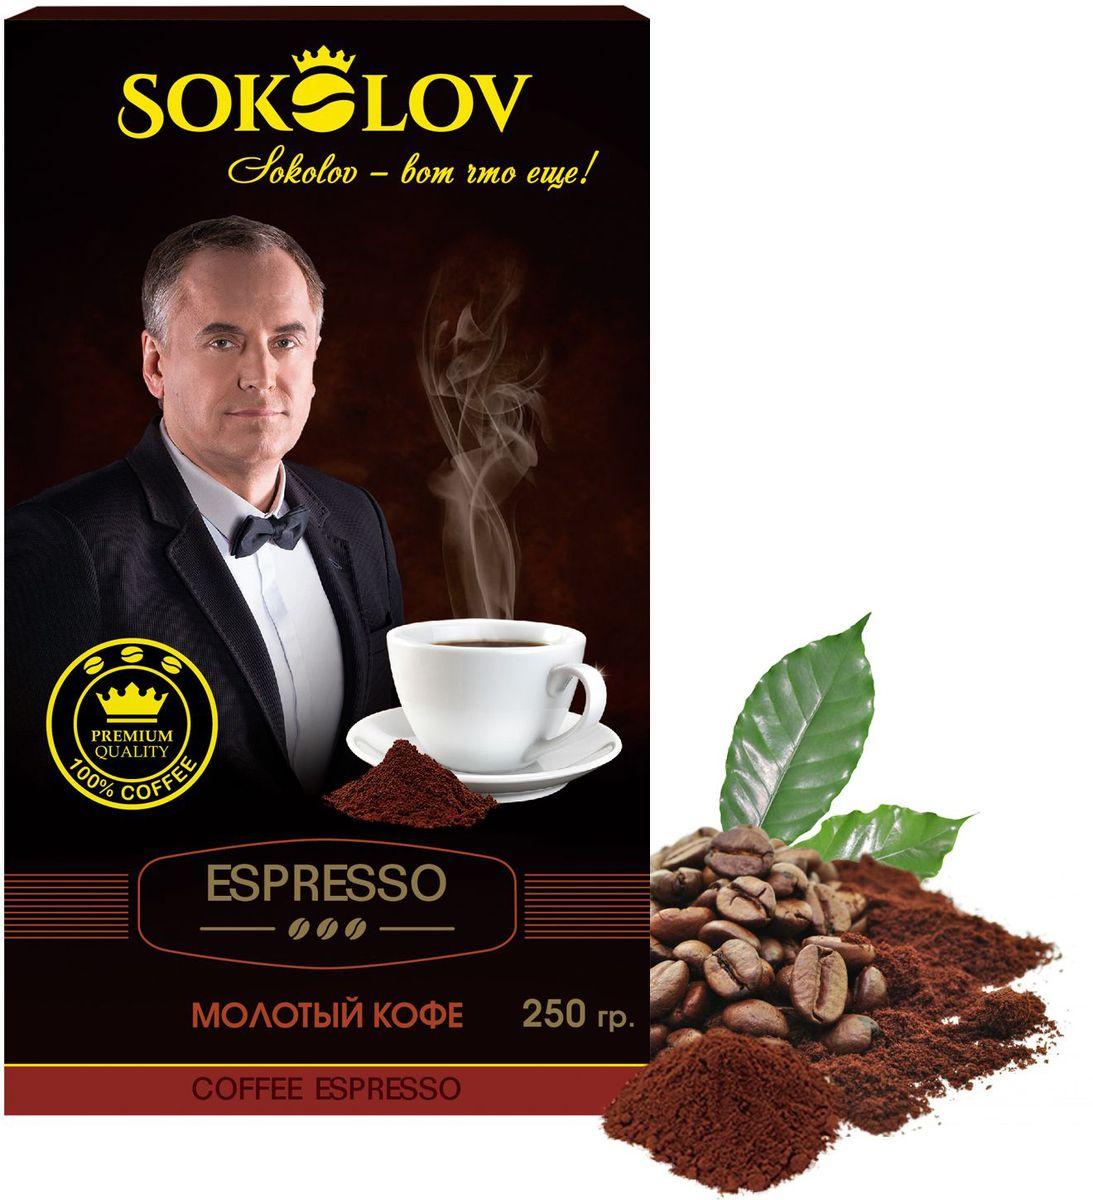 Sokolov Эспрессо кофе молотый, 250 г0120710Espresso - это классическая композиция молотого кофе средней обжарки. Он сочетает в себе богатство вкуса и превосходное качество сорта Арабика и Робуста. Представляет уникальный и специфический вкус, с хорошо сбалансированной комбинацией фруктового аромата, сладости и фруктовой начинки. Медленный и деликатный метод обжарки обеспечивает изысканный богатый вкус кофе. Имеет приятное, ровное послевкусие. Кофе предназначен для заваривания в электрических кофемашинах или турке.